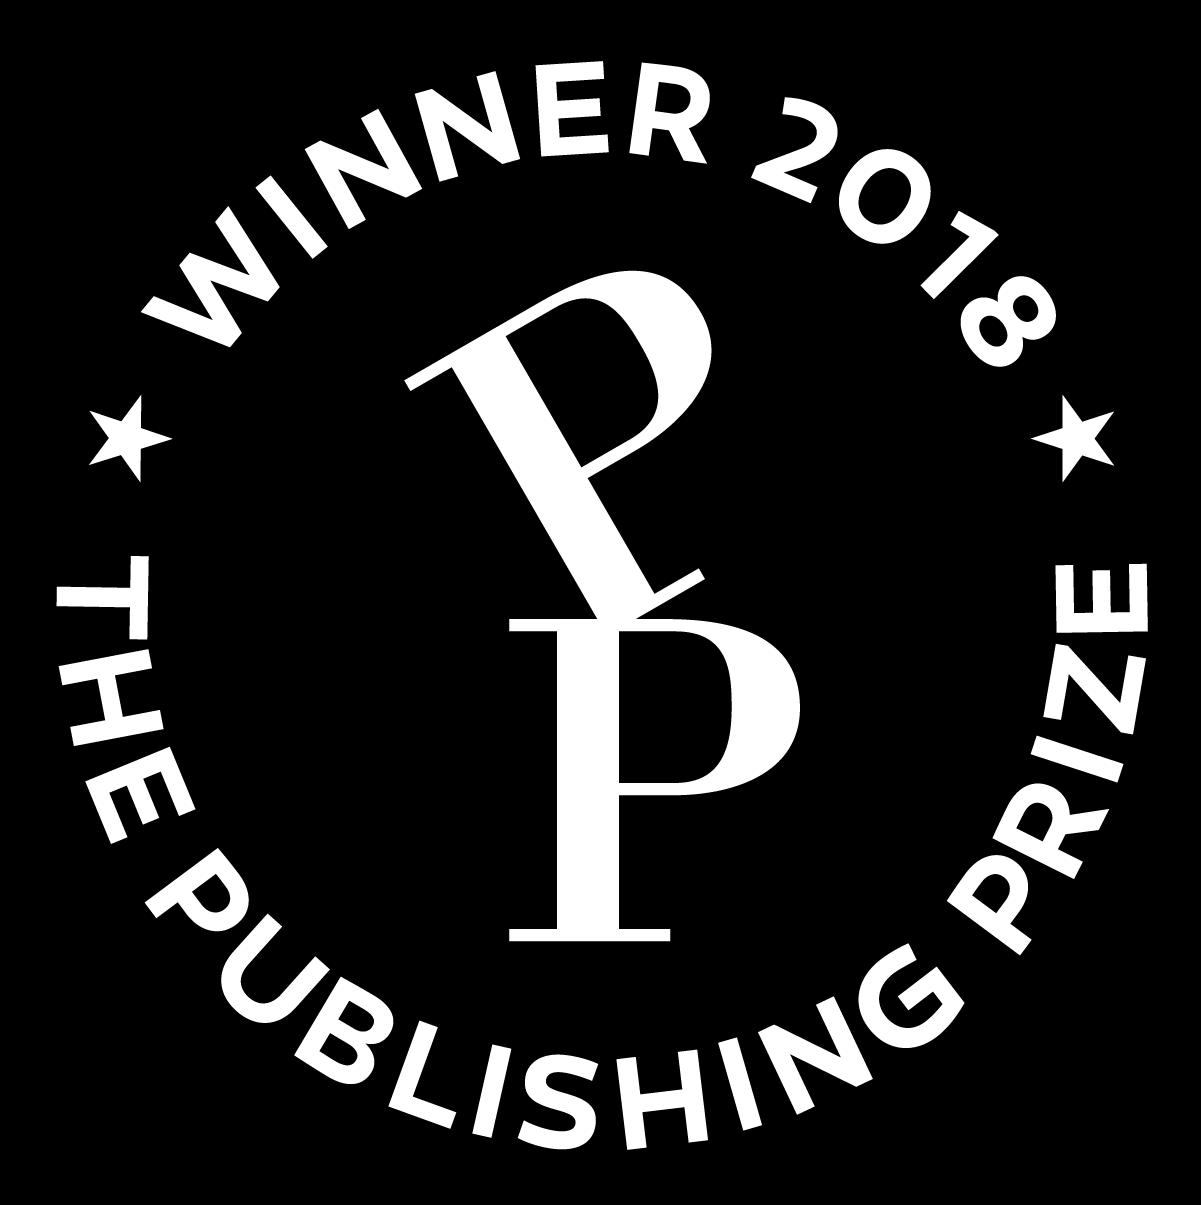 Winner of Publishingpriset 2018: - Informationssajter offentlig och ideell sektorOmVärlden BerättarFör en storslagen sajt med stark bildjournalistik som skapar känsla och atmosfär och driver berättelsen framåt.Global Reporting:Tova Jertfelt (ad, grafisk formgivare)Ylva Bergman (chefredaktör)